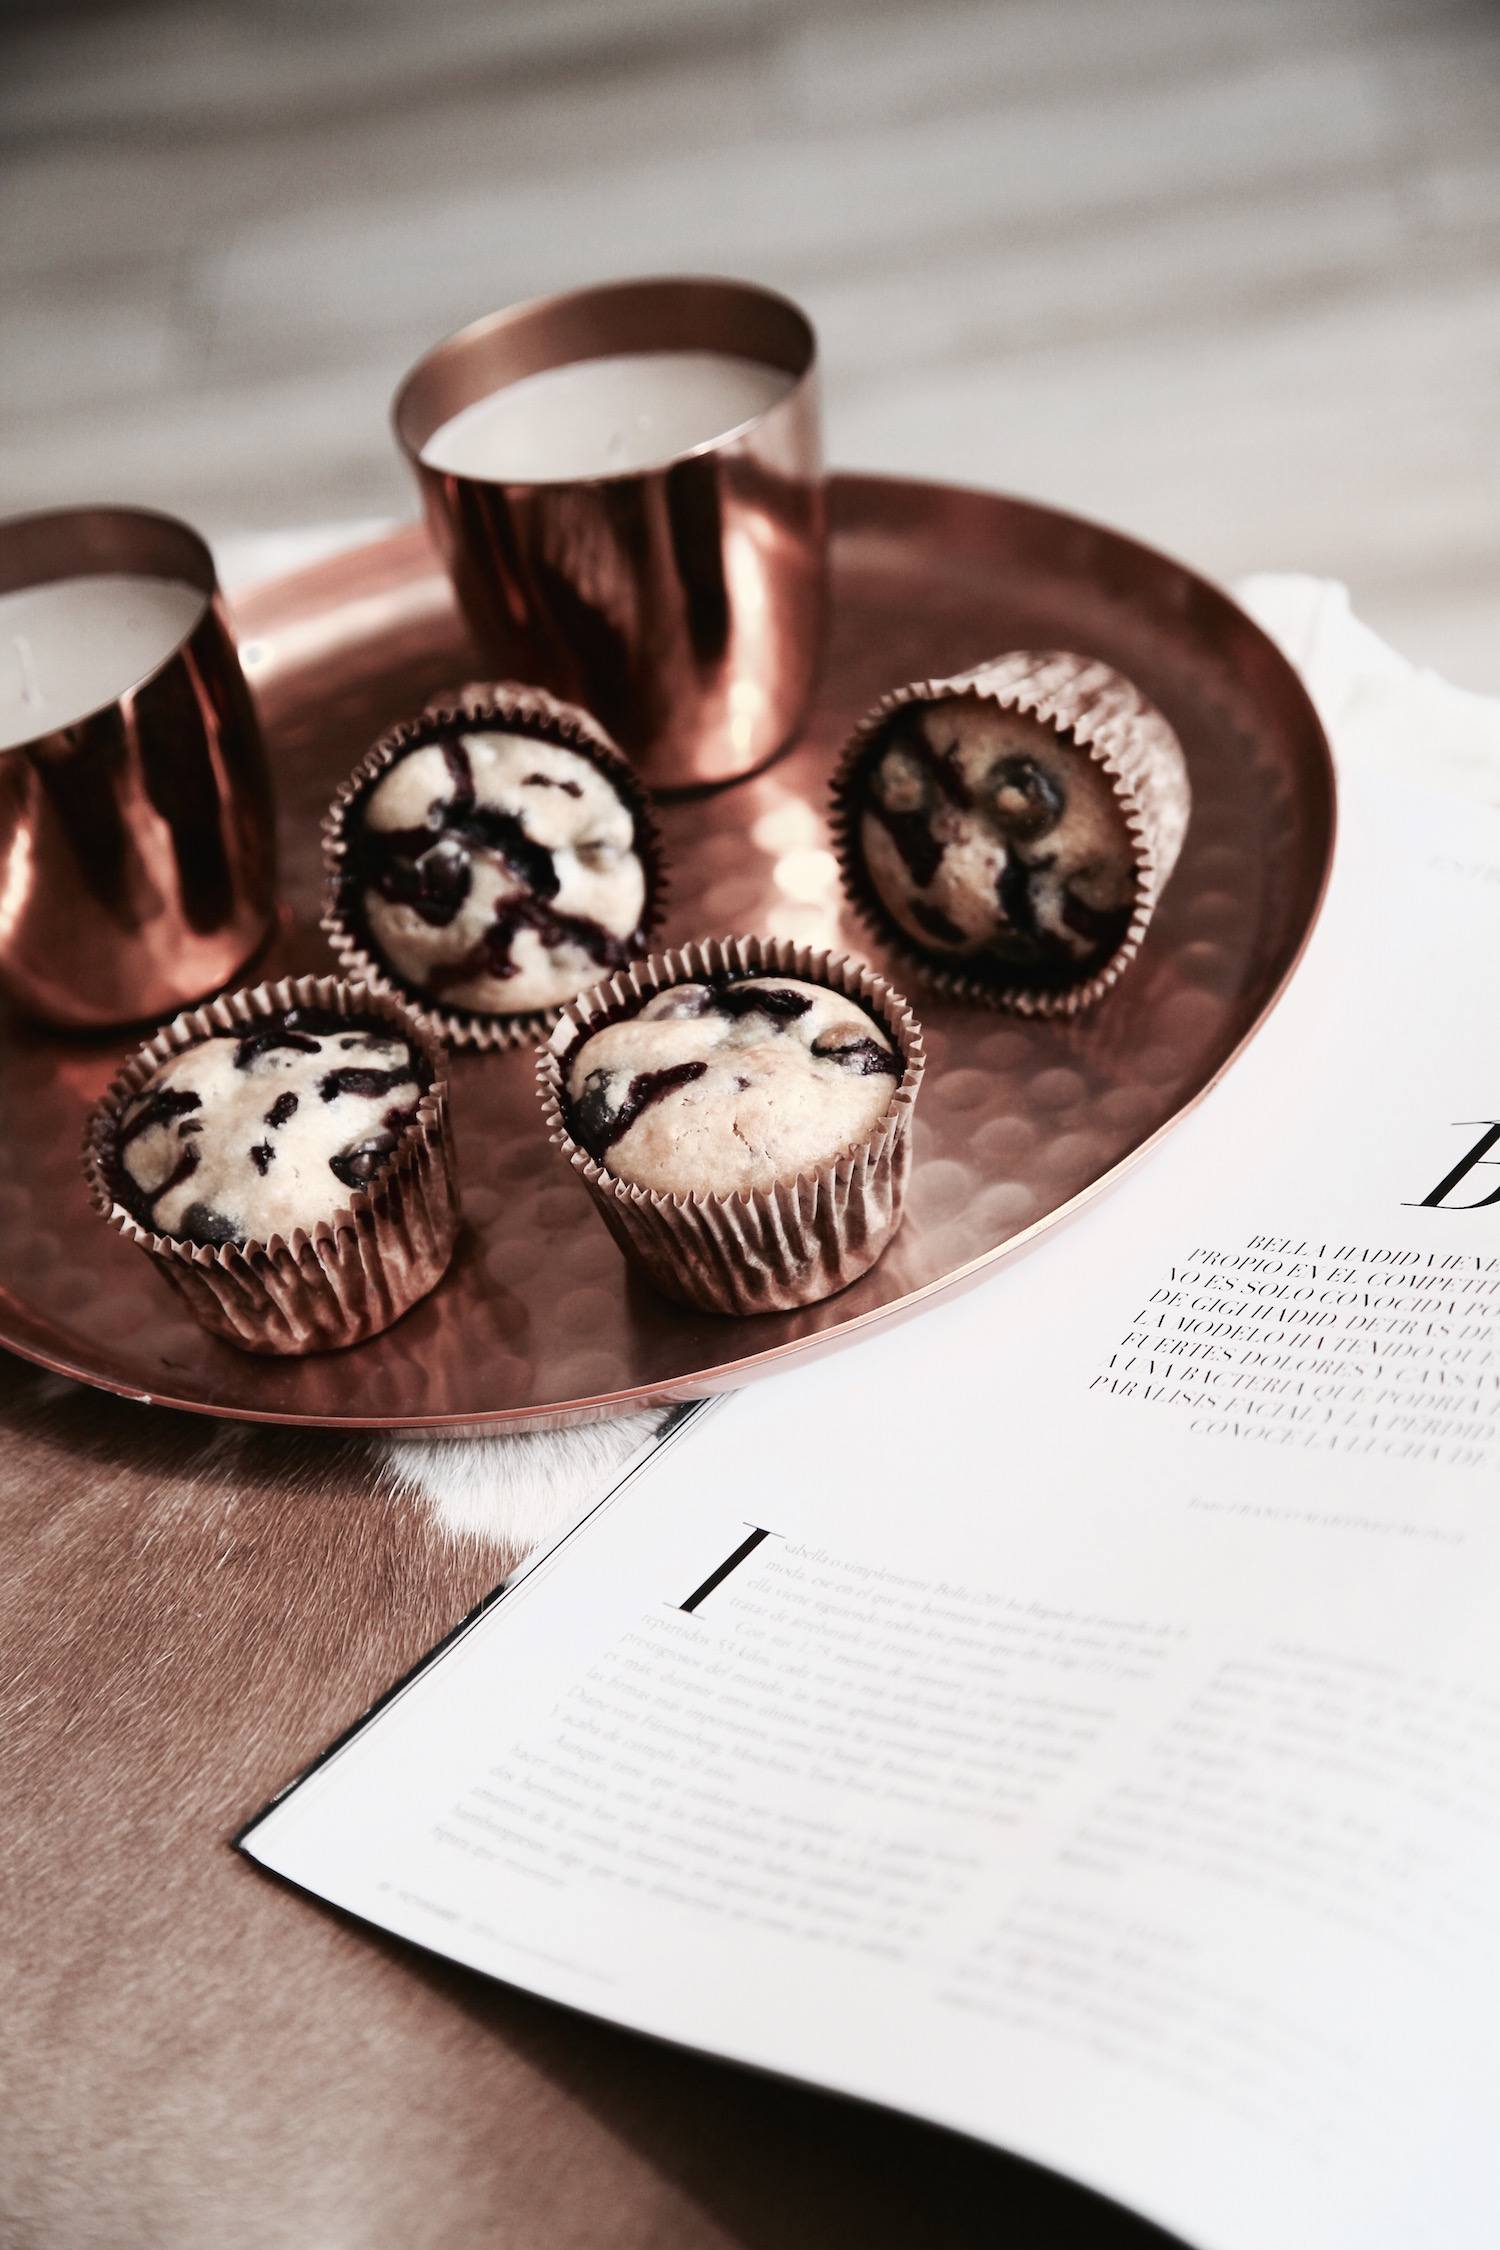 indurama-muffins-fiorella-de-lubbe-6